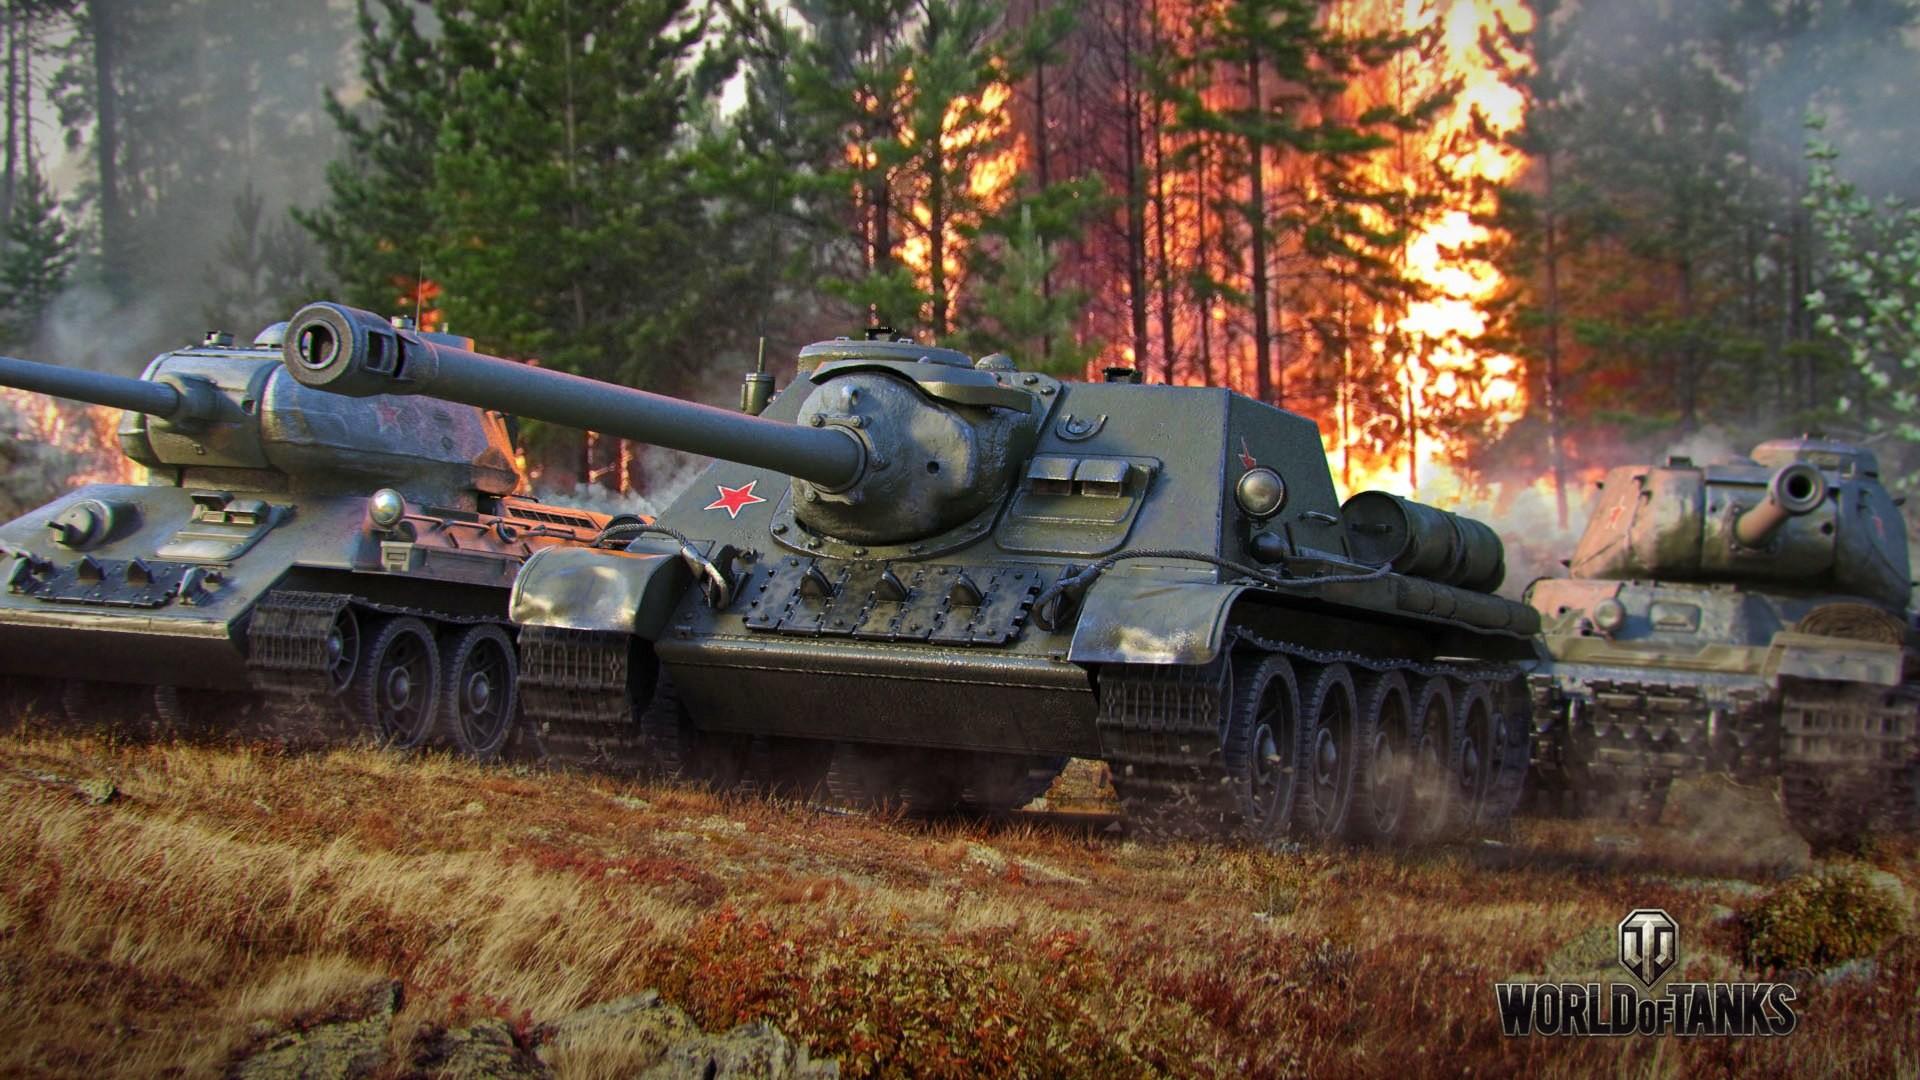 German Panther Tank Wallpaper (77+ images)